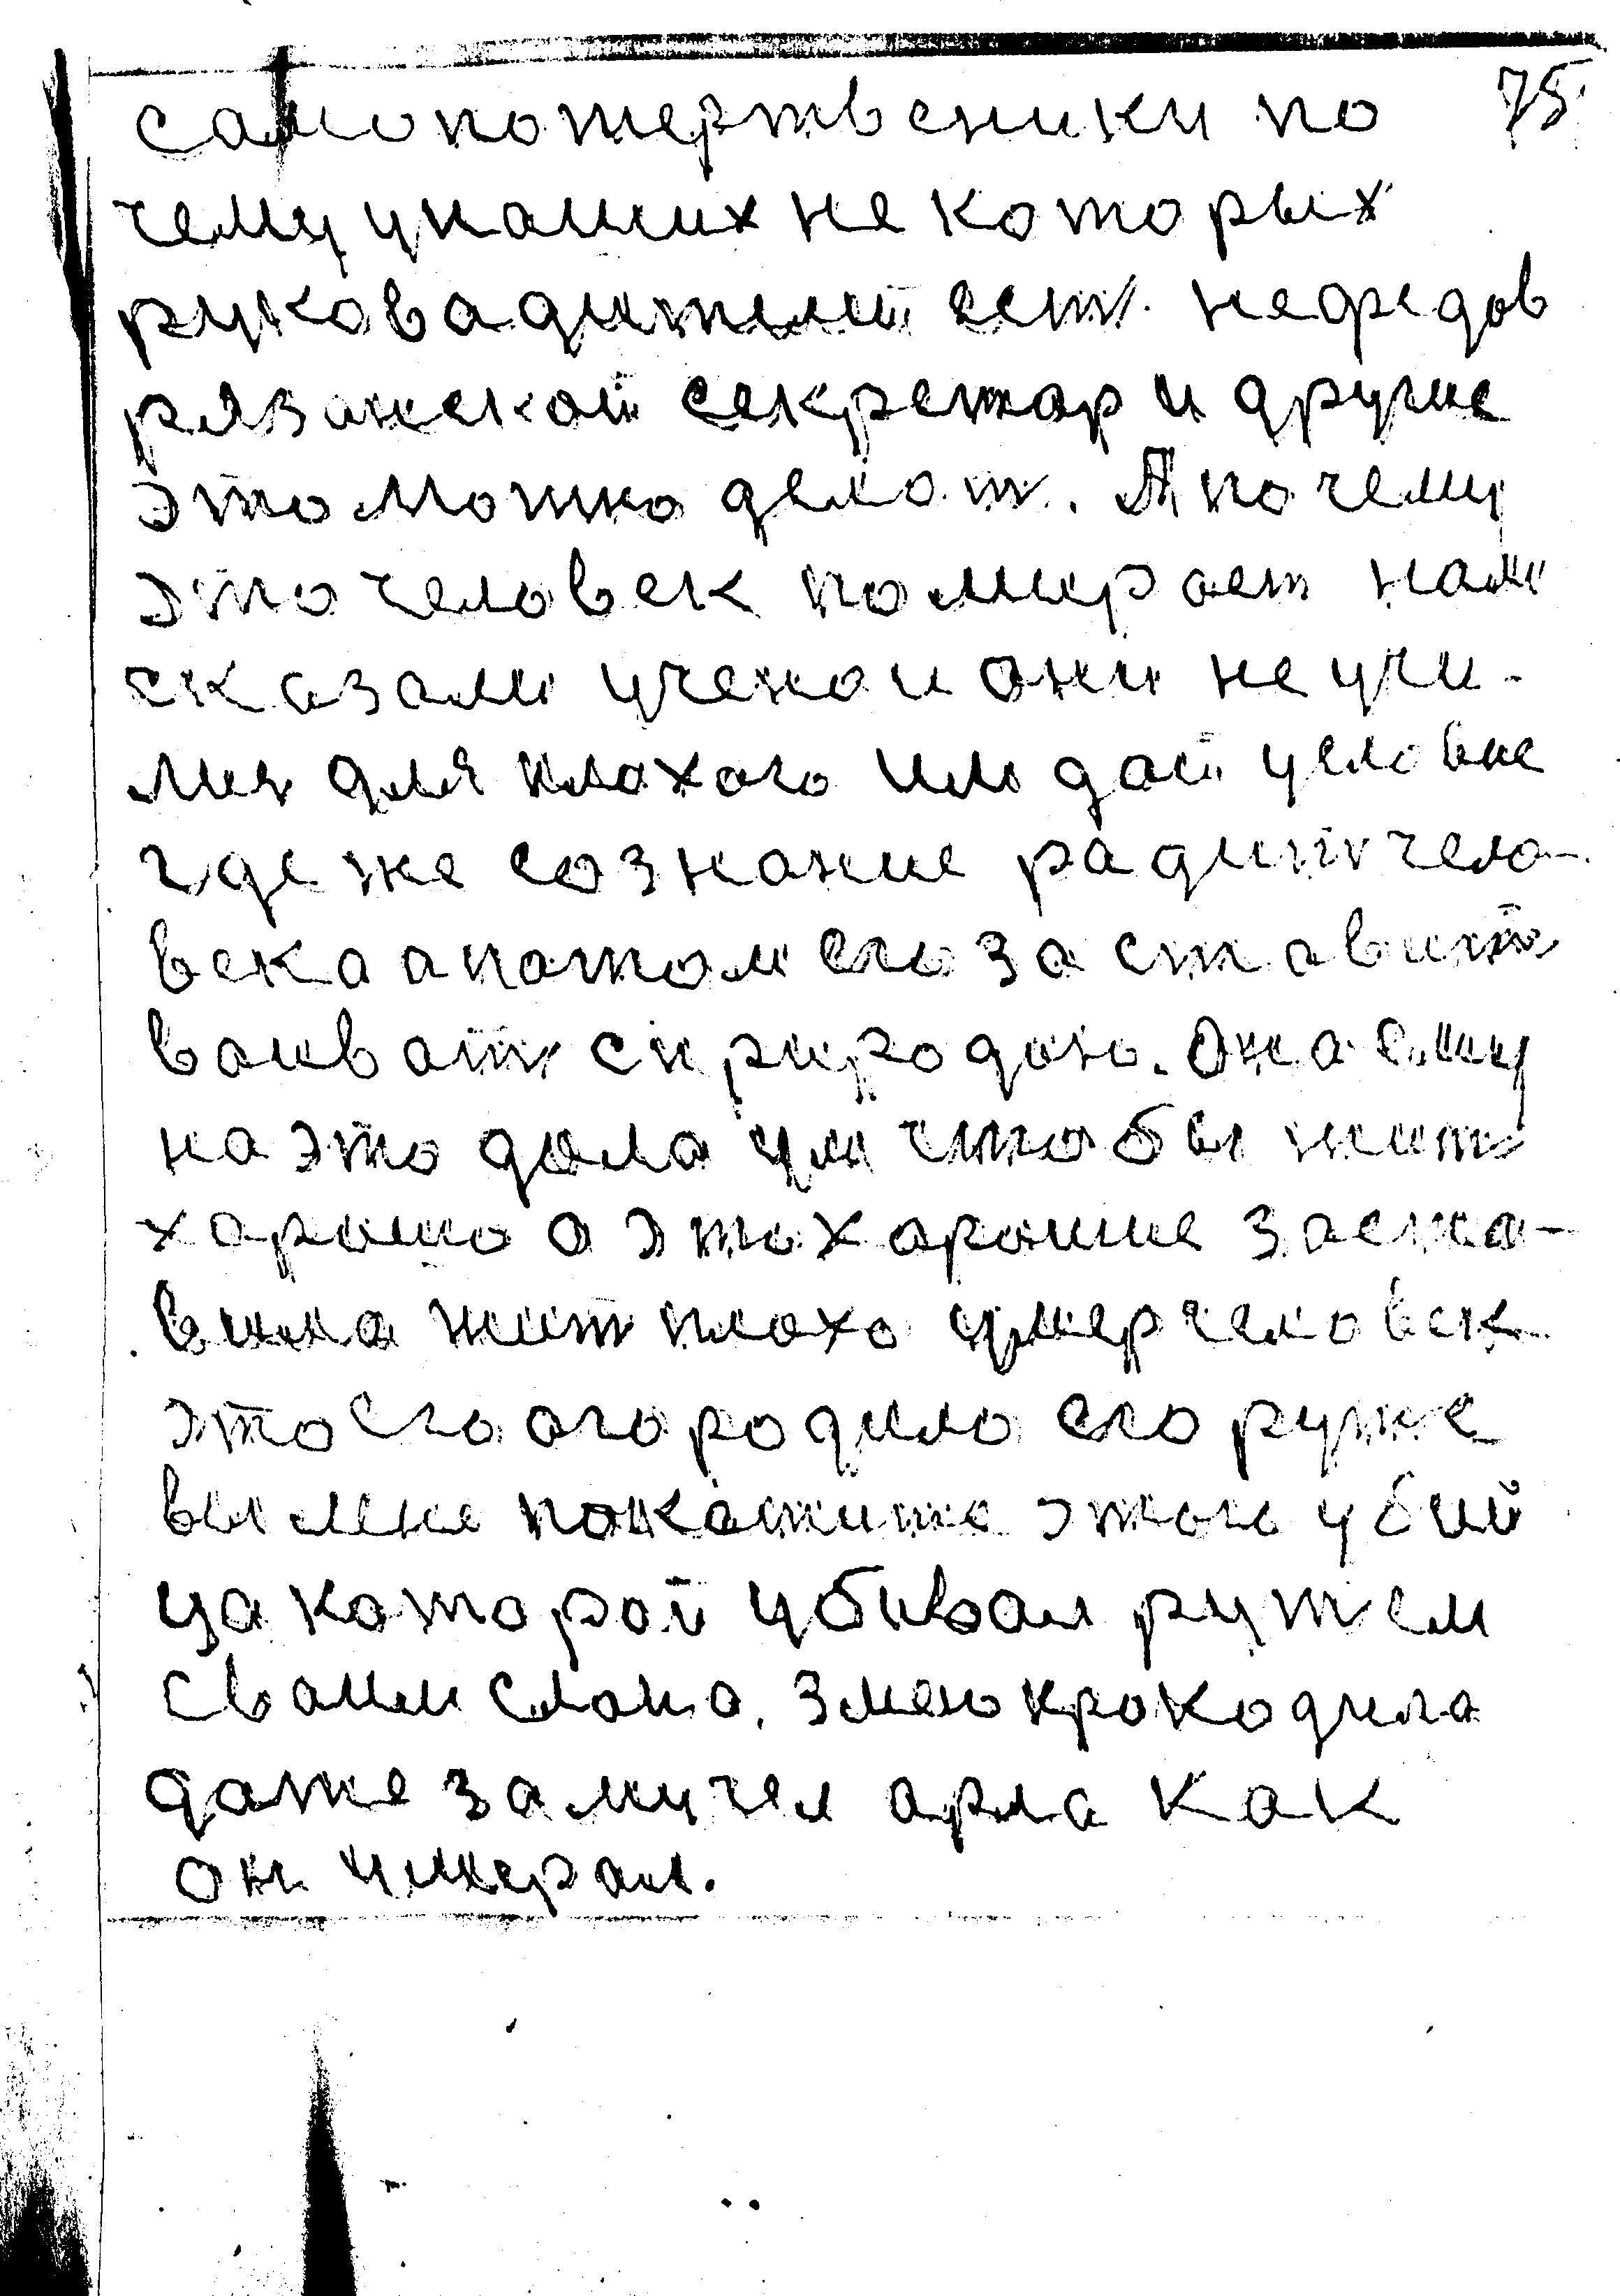 75-119.jpg